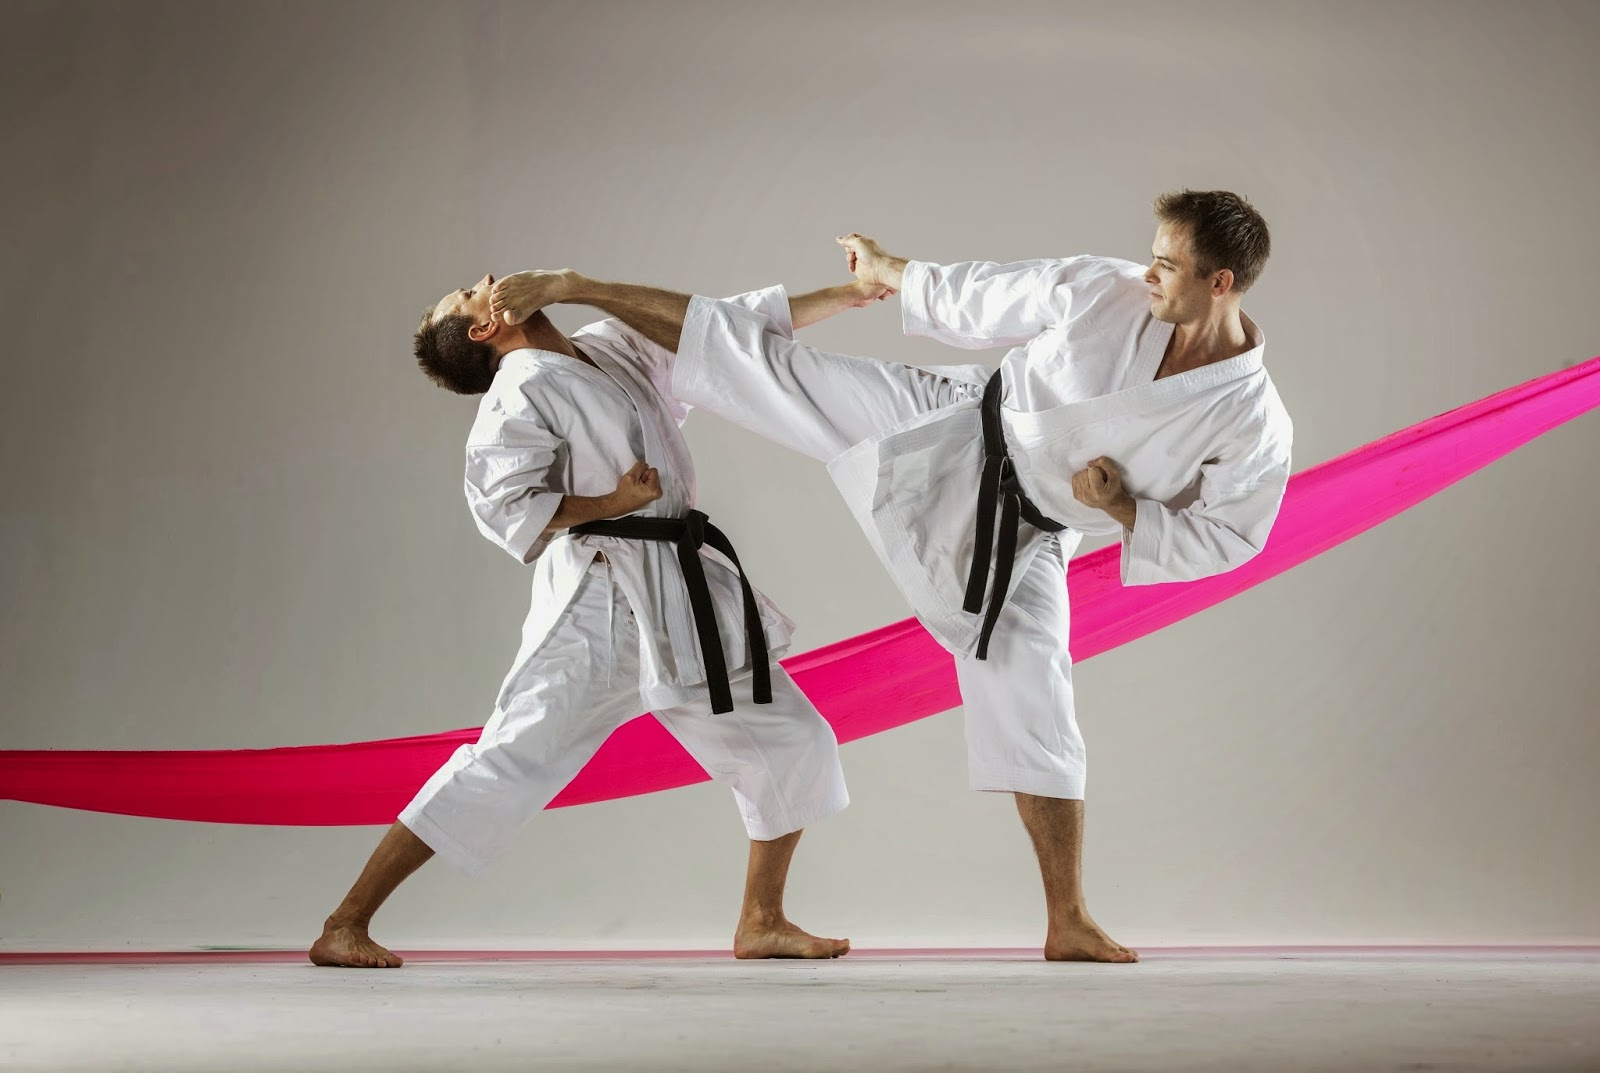 diferencia entre karate y taekwondo yahoo